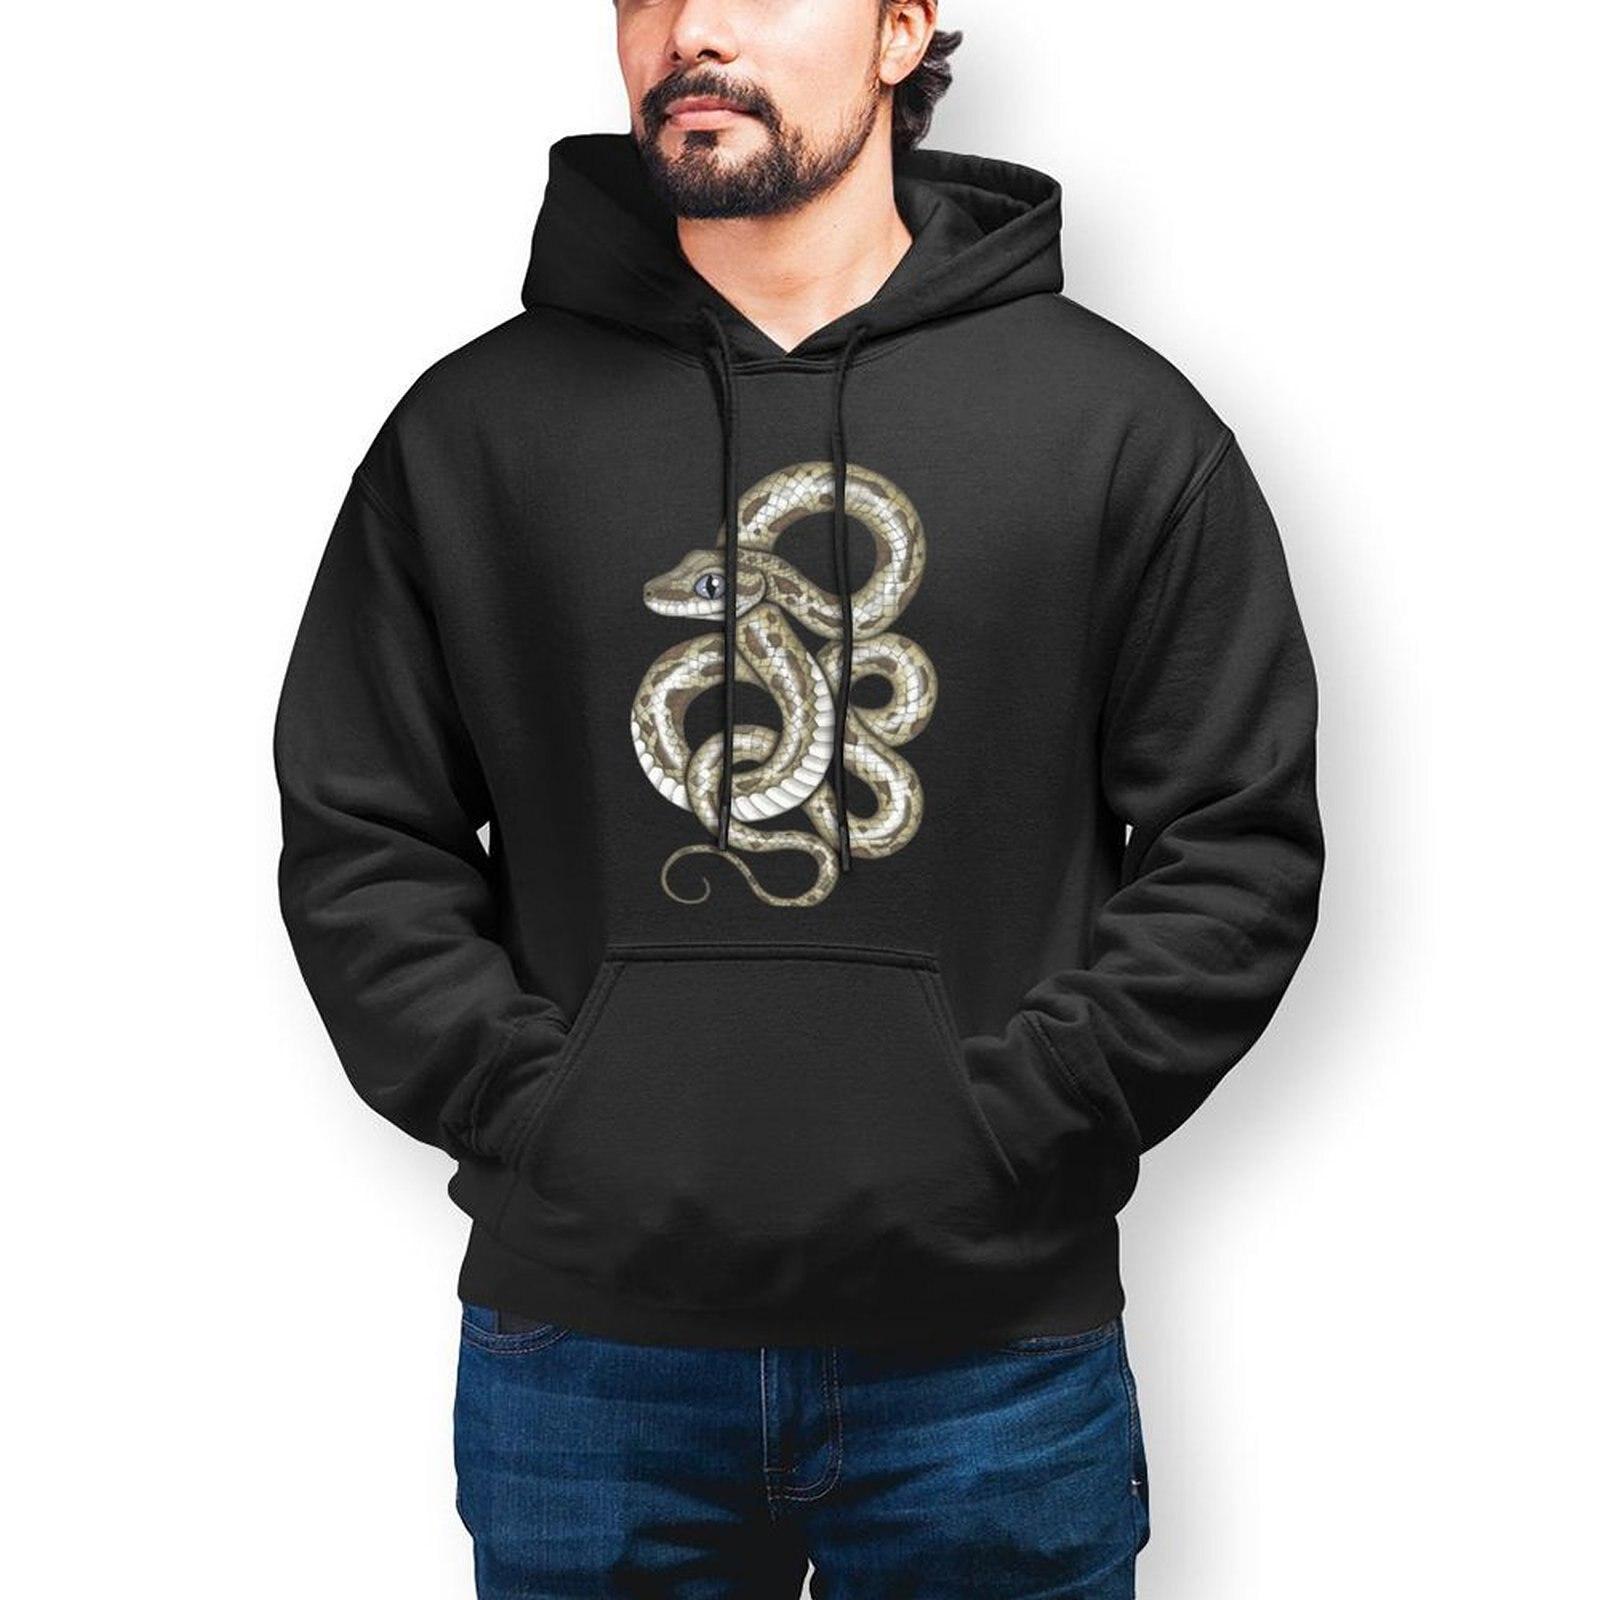 Толстовка мужская с капюшоном, симпатичная длинная хлопковая кофта со змеиным принтом, пуловер оверсайз, уличная одежда на осень